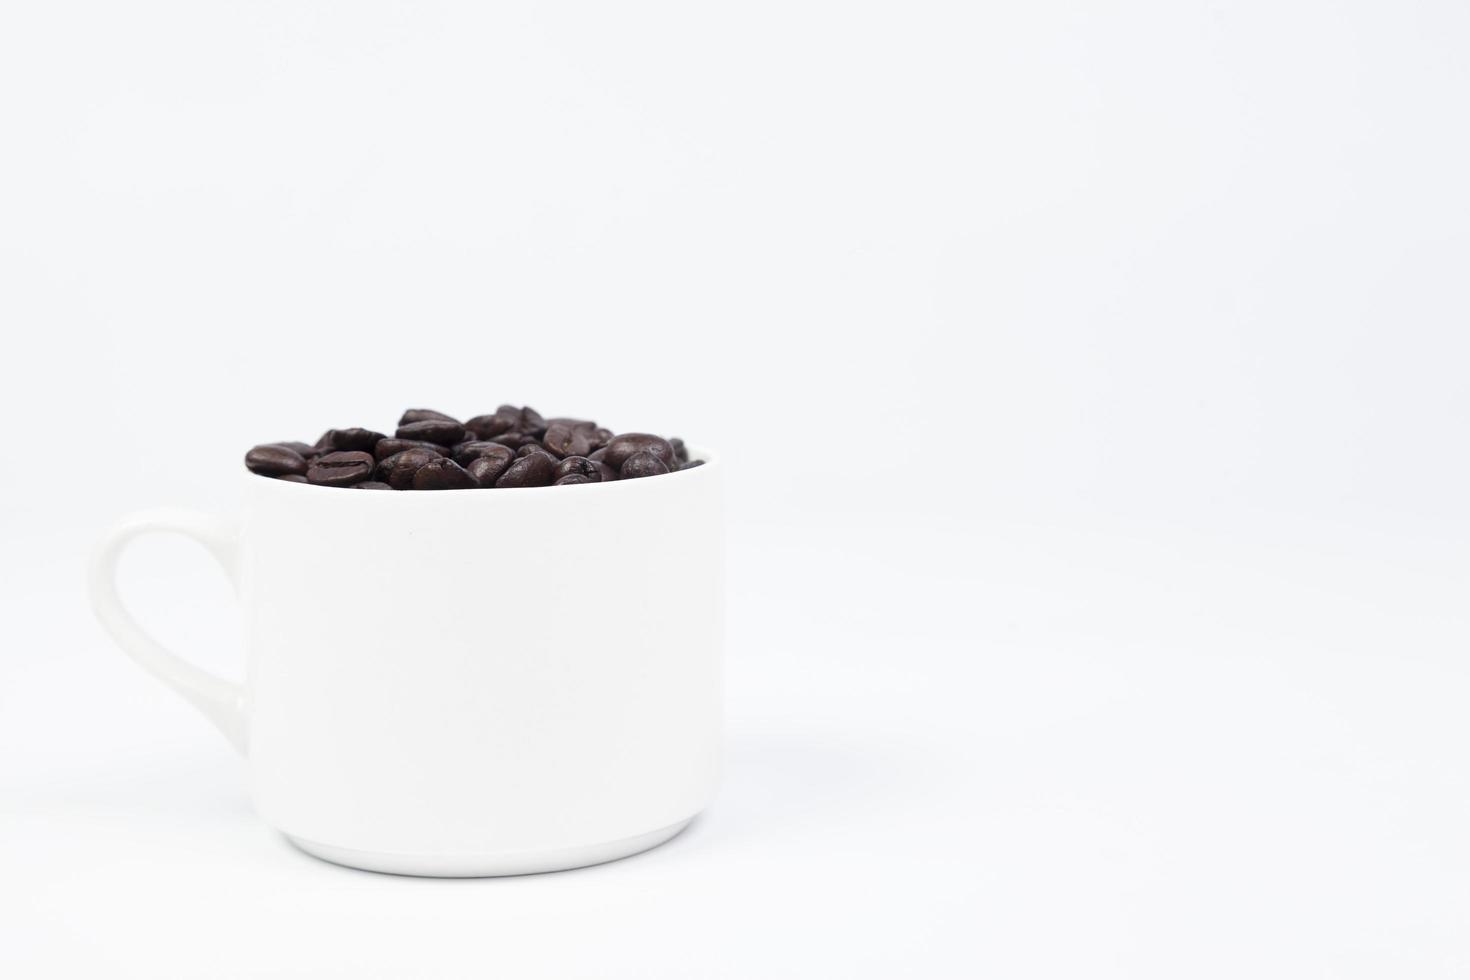 beker met koffiebonen op witte achtergrond foto